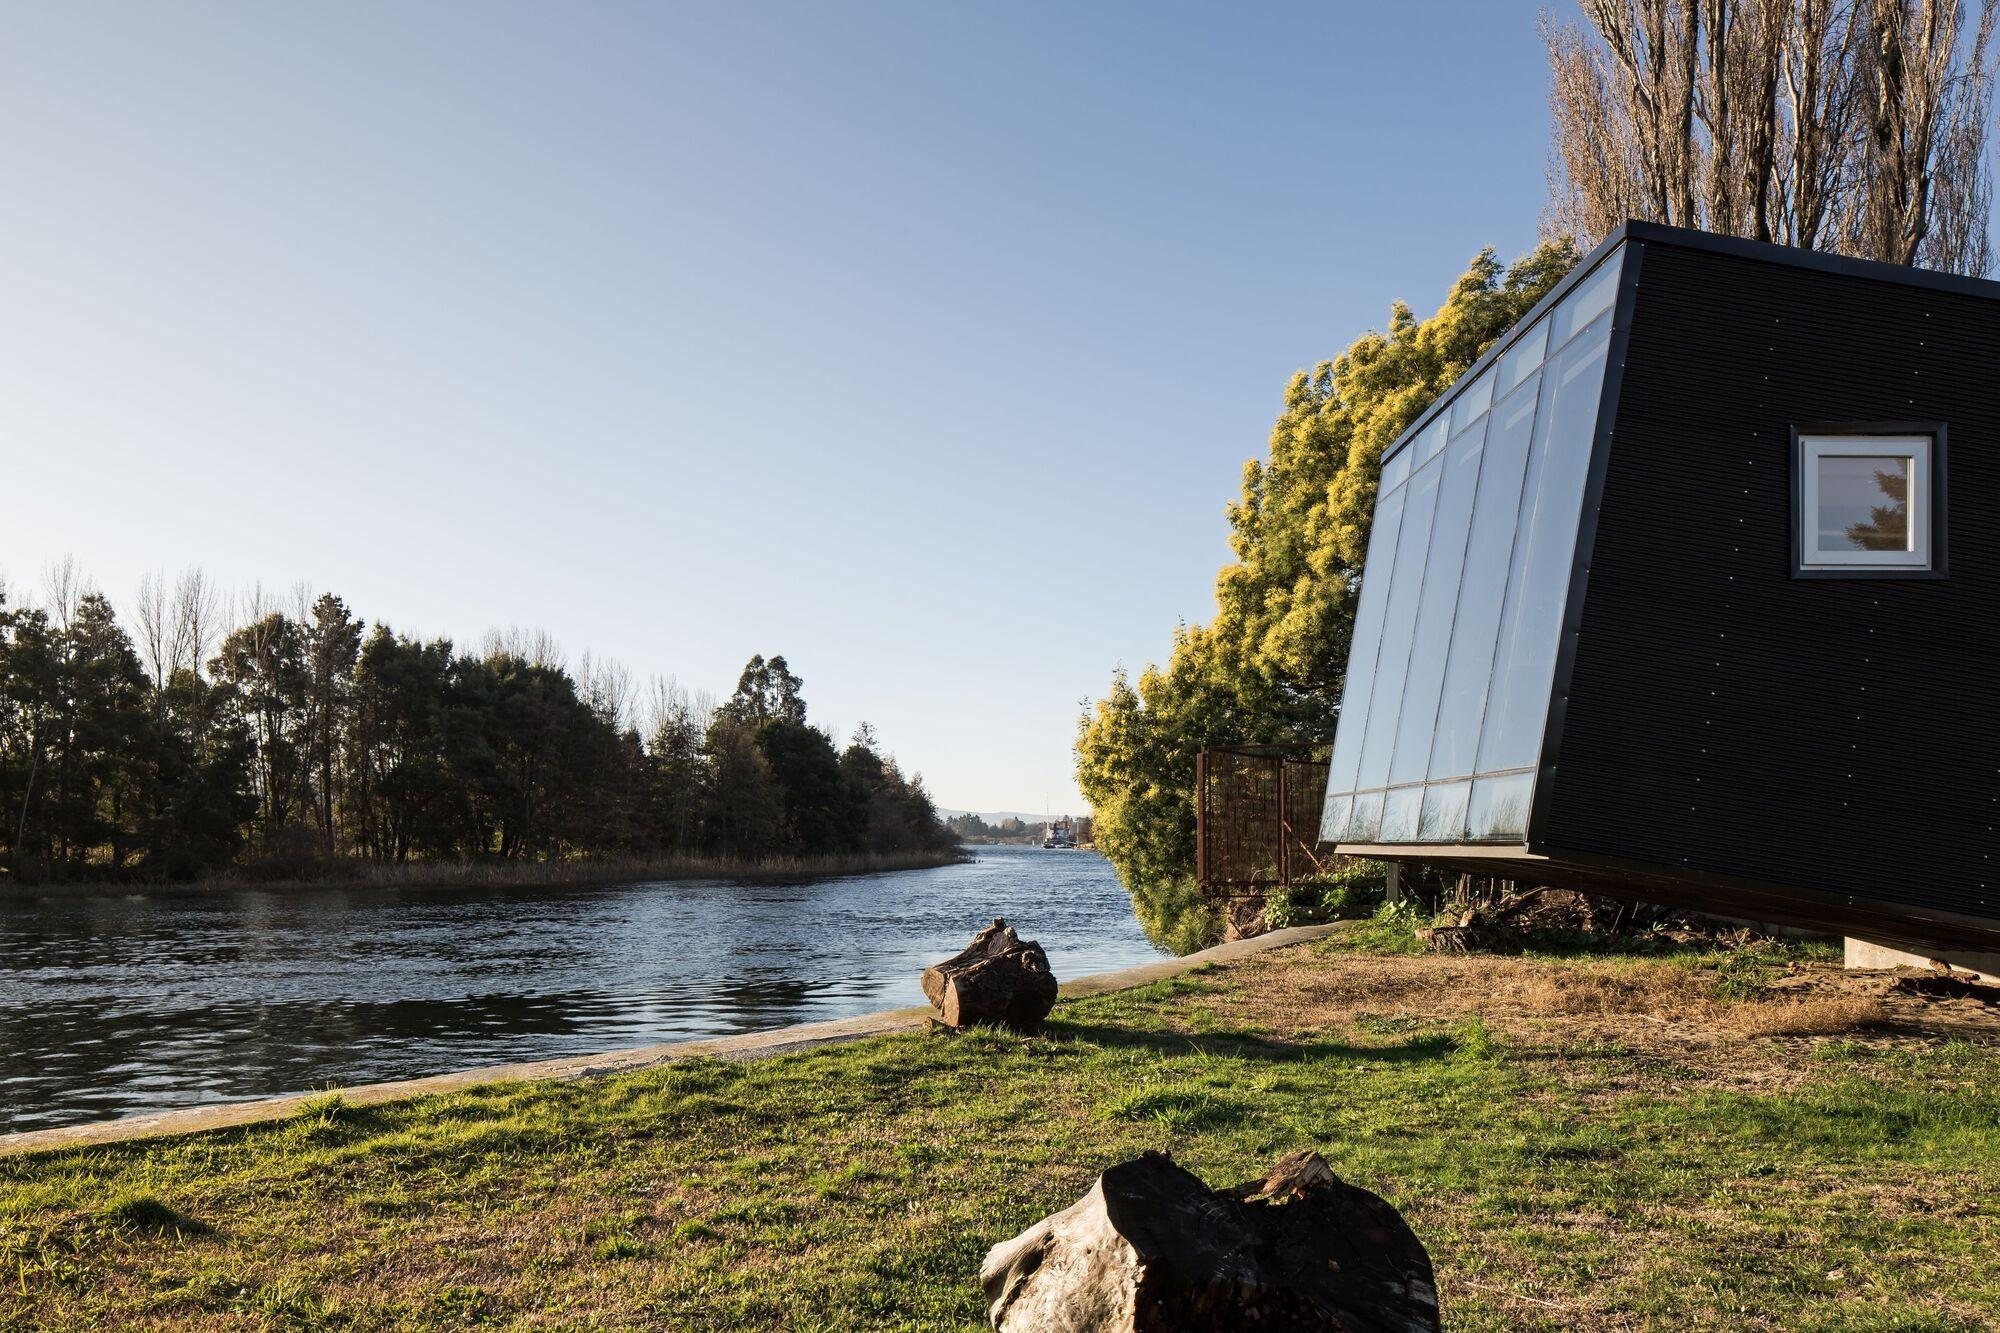 Уютный мини-коттедж с видом на речной пейзаж